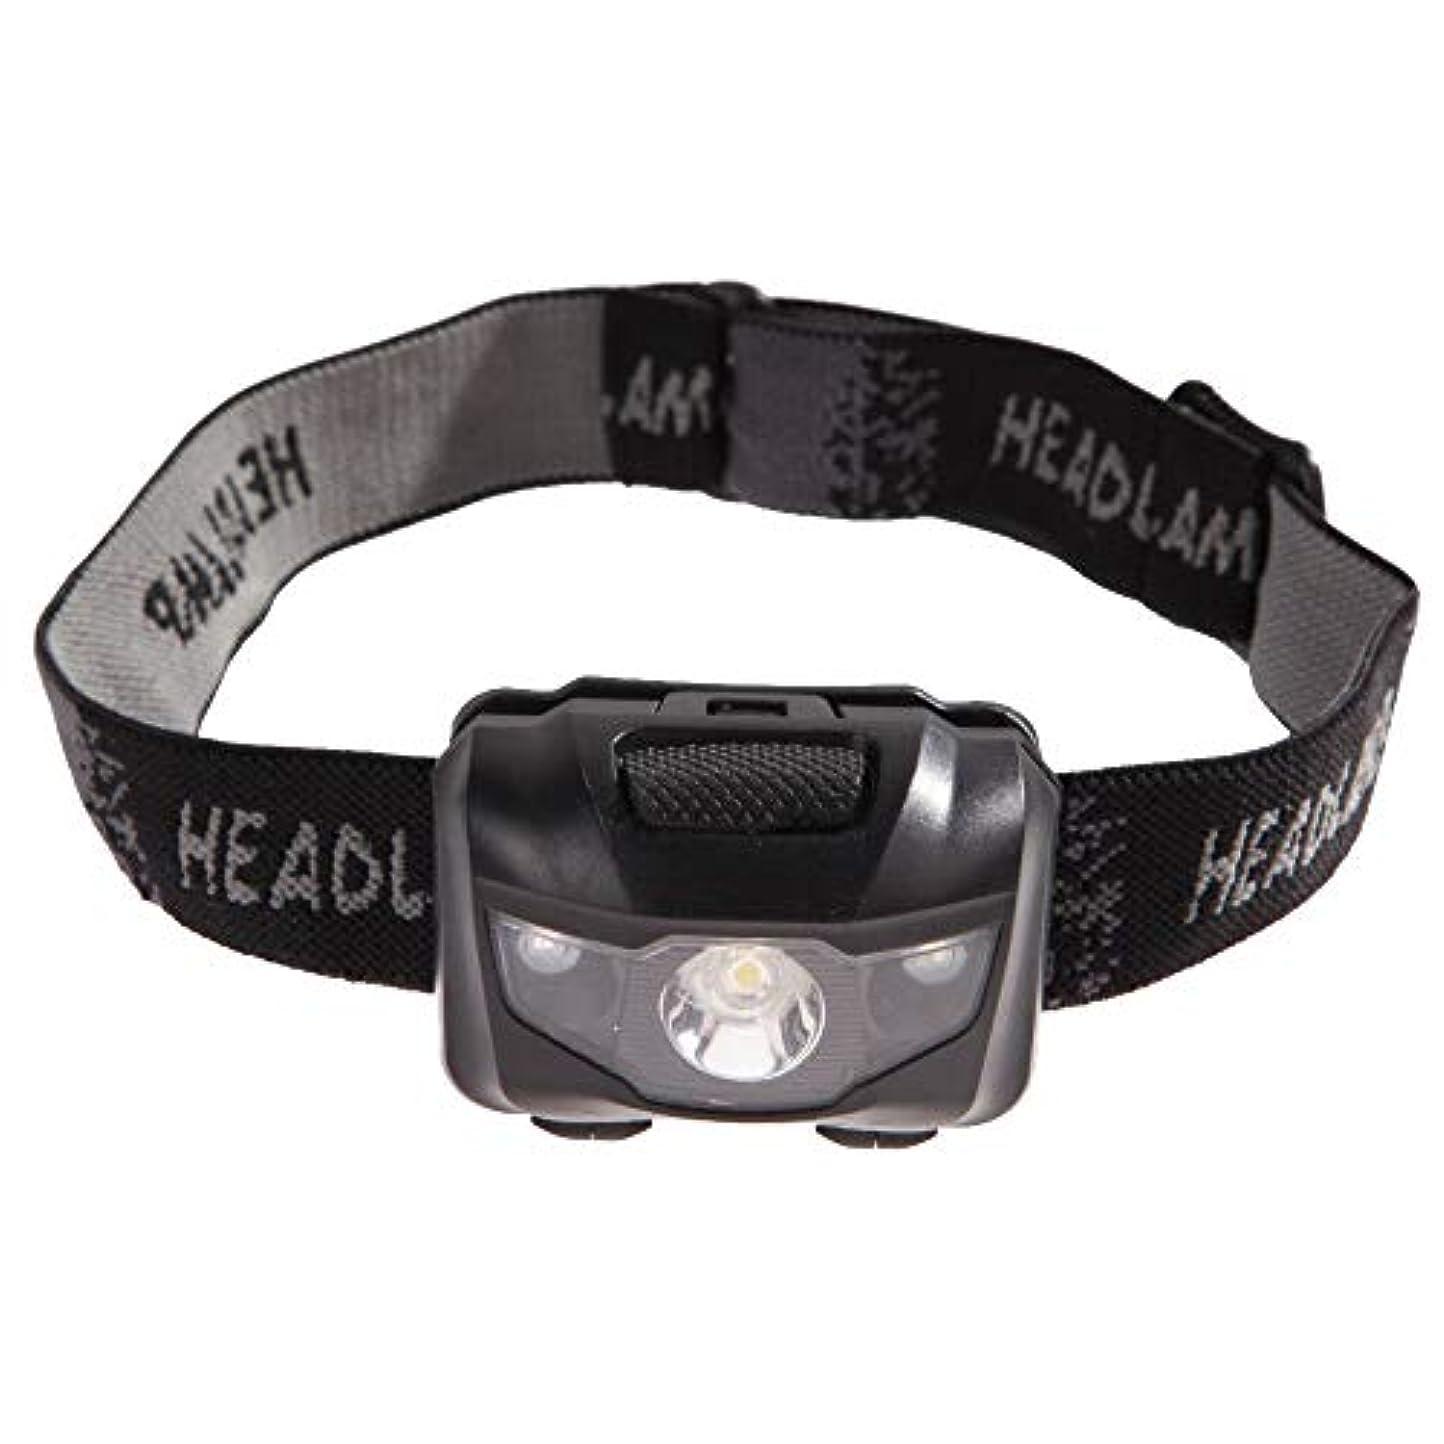 時計賭けインクAmyou LEDヘッドランプ、3つの照明モードを備えた超明るいヘッドランプ防水懐中電灯、キャンプ、ハイキング、読書に最適